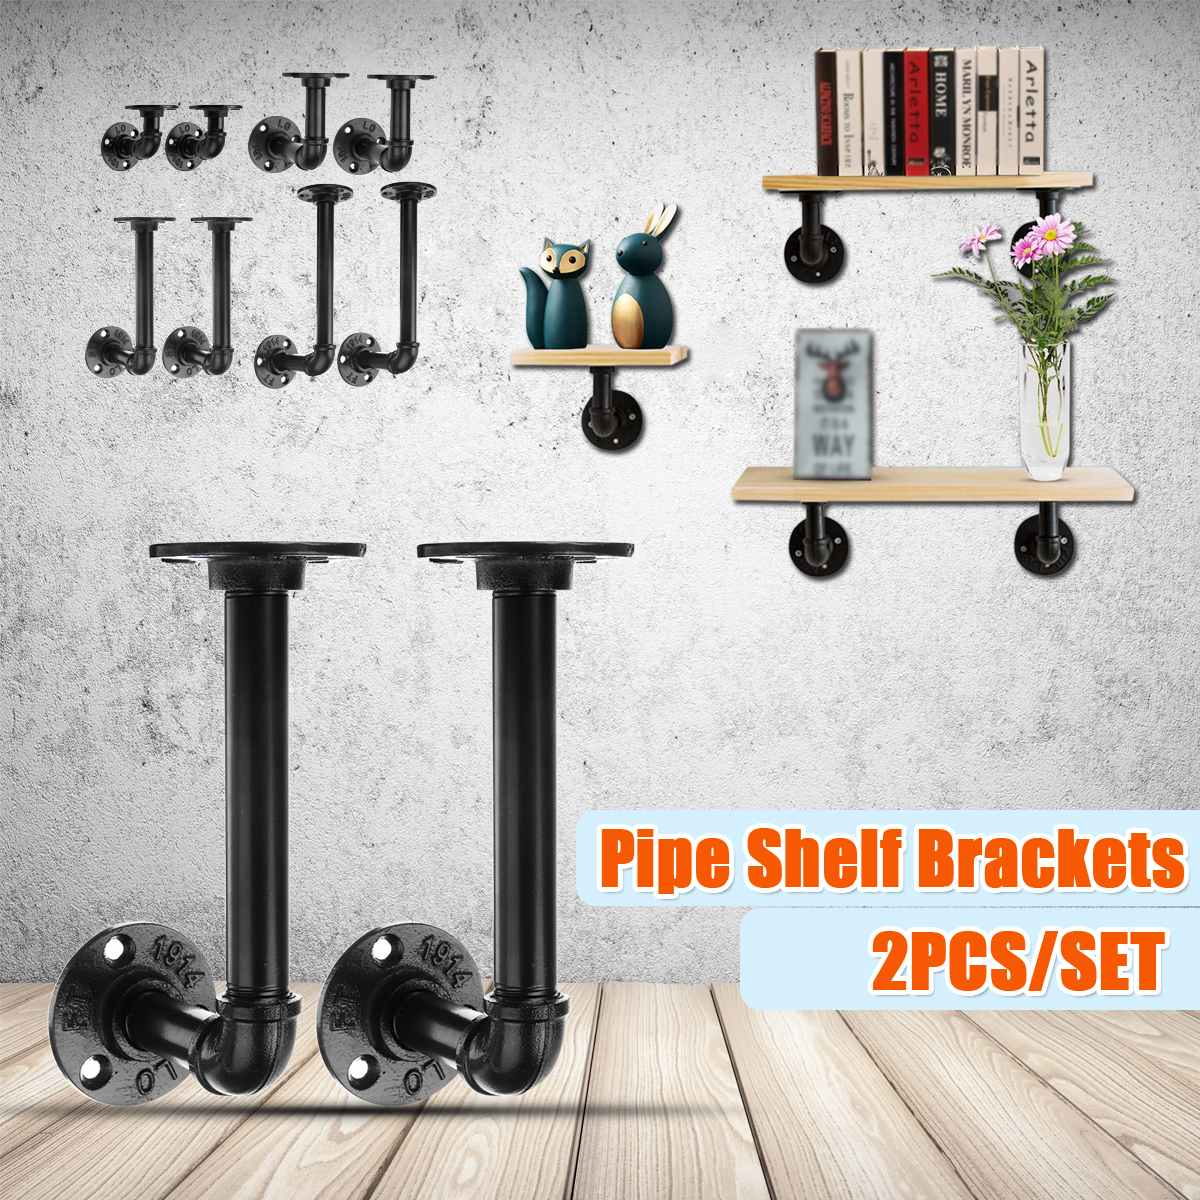 2PCS Industrial Steel Pipe Shelf Bracket Holder DIY Pipe Shelf Brackets Black